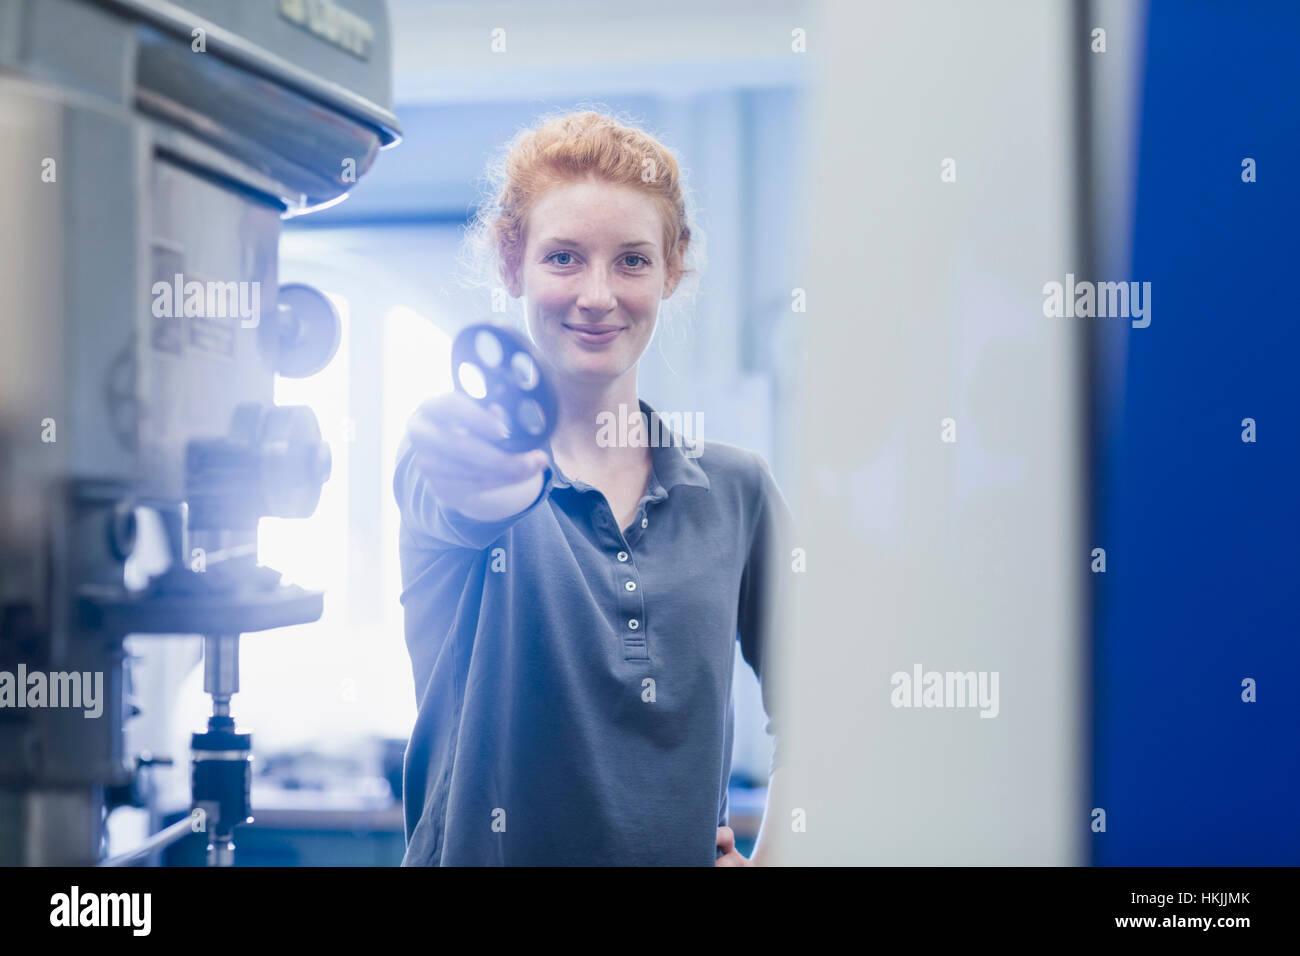 Joven ingeniero que sujetan el engranaje en una planta industrial, Friburgo de Brisgovia, Baden-Wurtemberg, Alemania Imagen De Stock